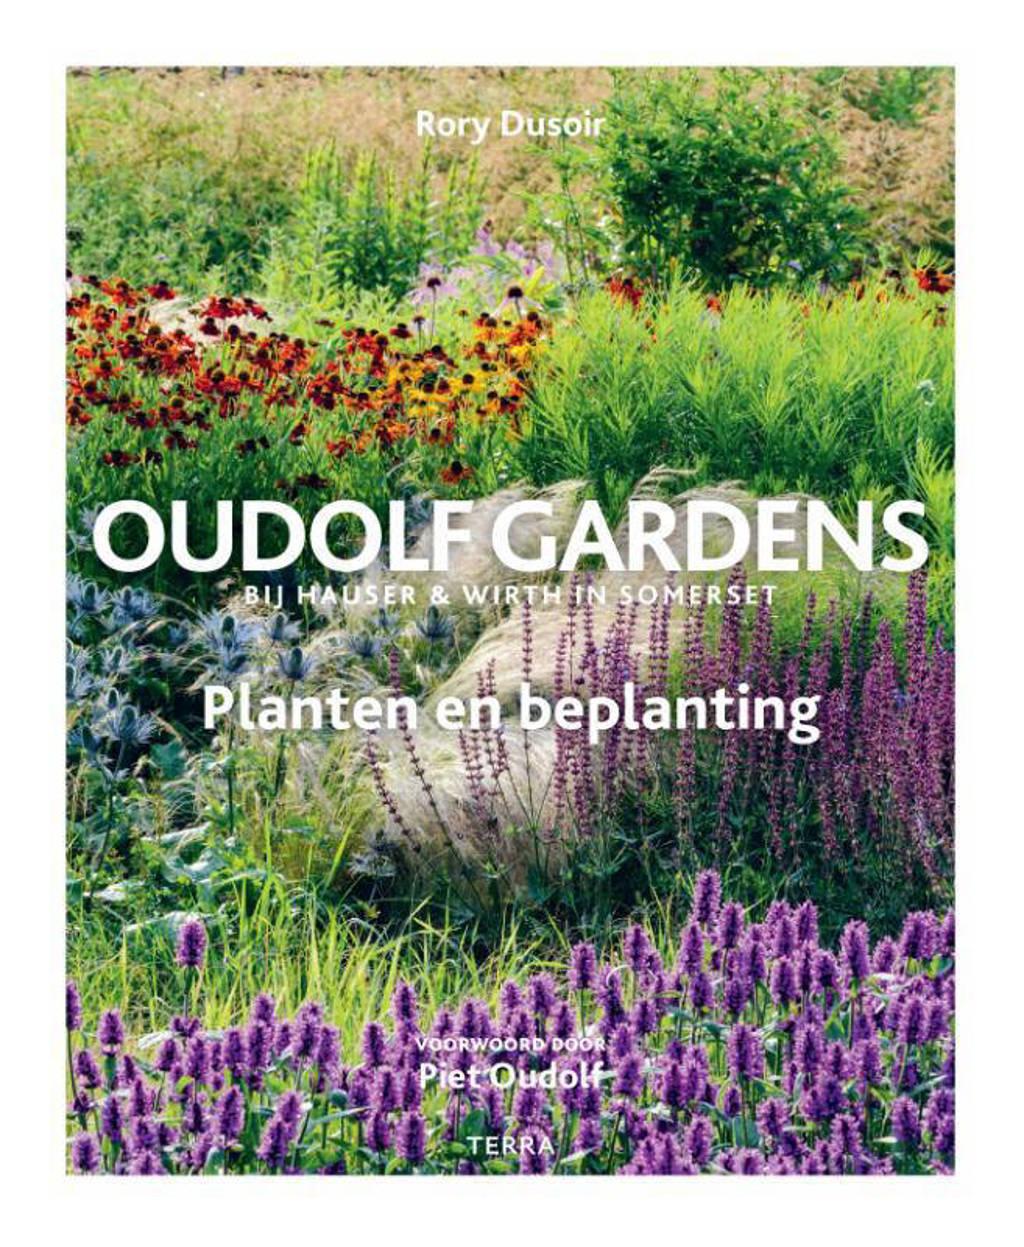 Oudolf Gardens bij Hauser & Wirth in Somerset - Rory Dusoir